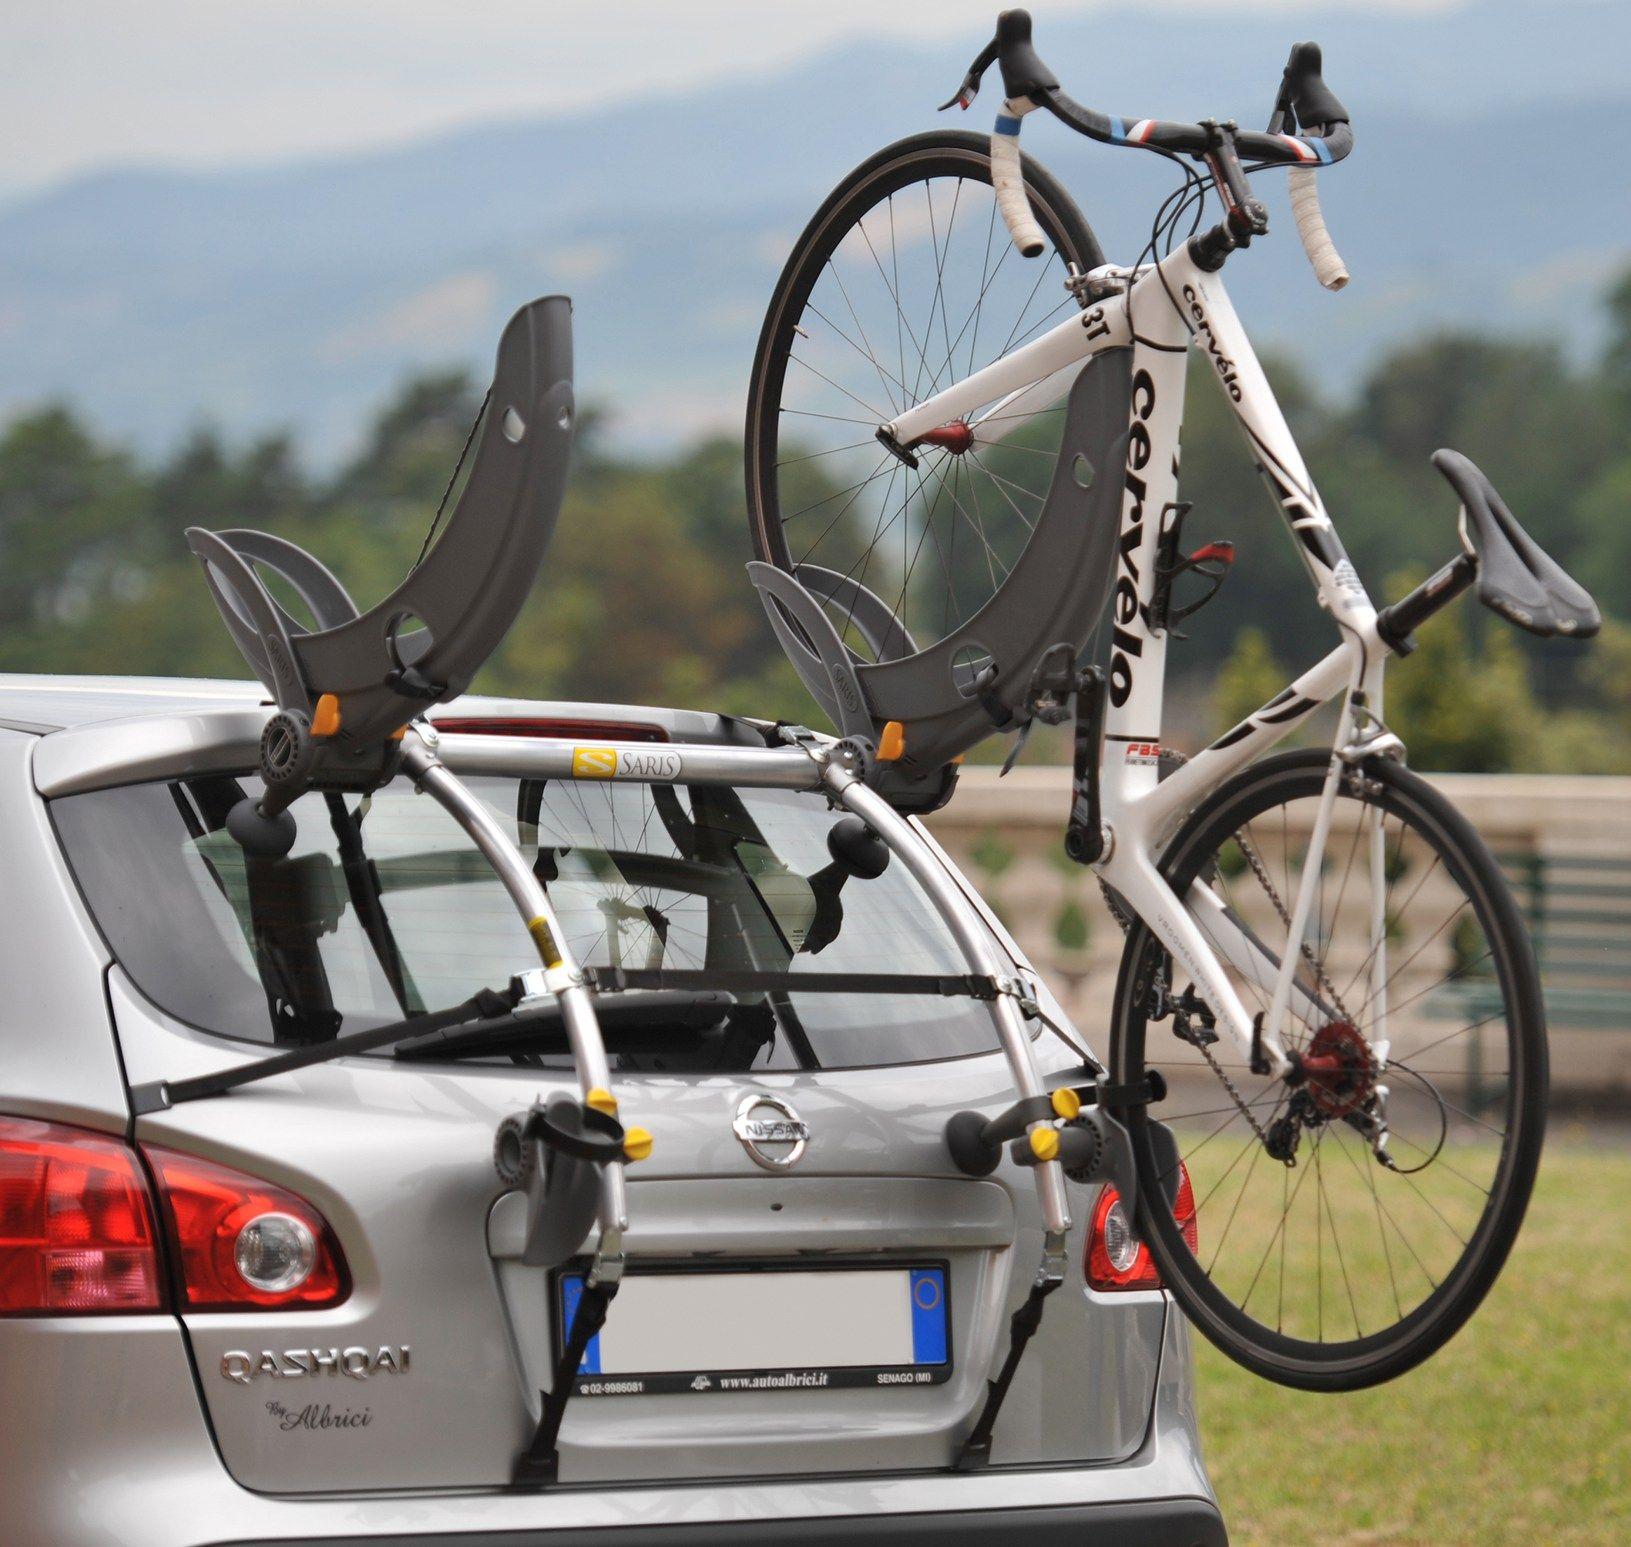 The 25 best bike rack for suv ideas on pinterest bike roof rack van roof racks and heated motorcycle gear